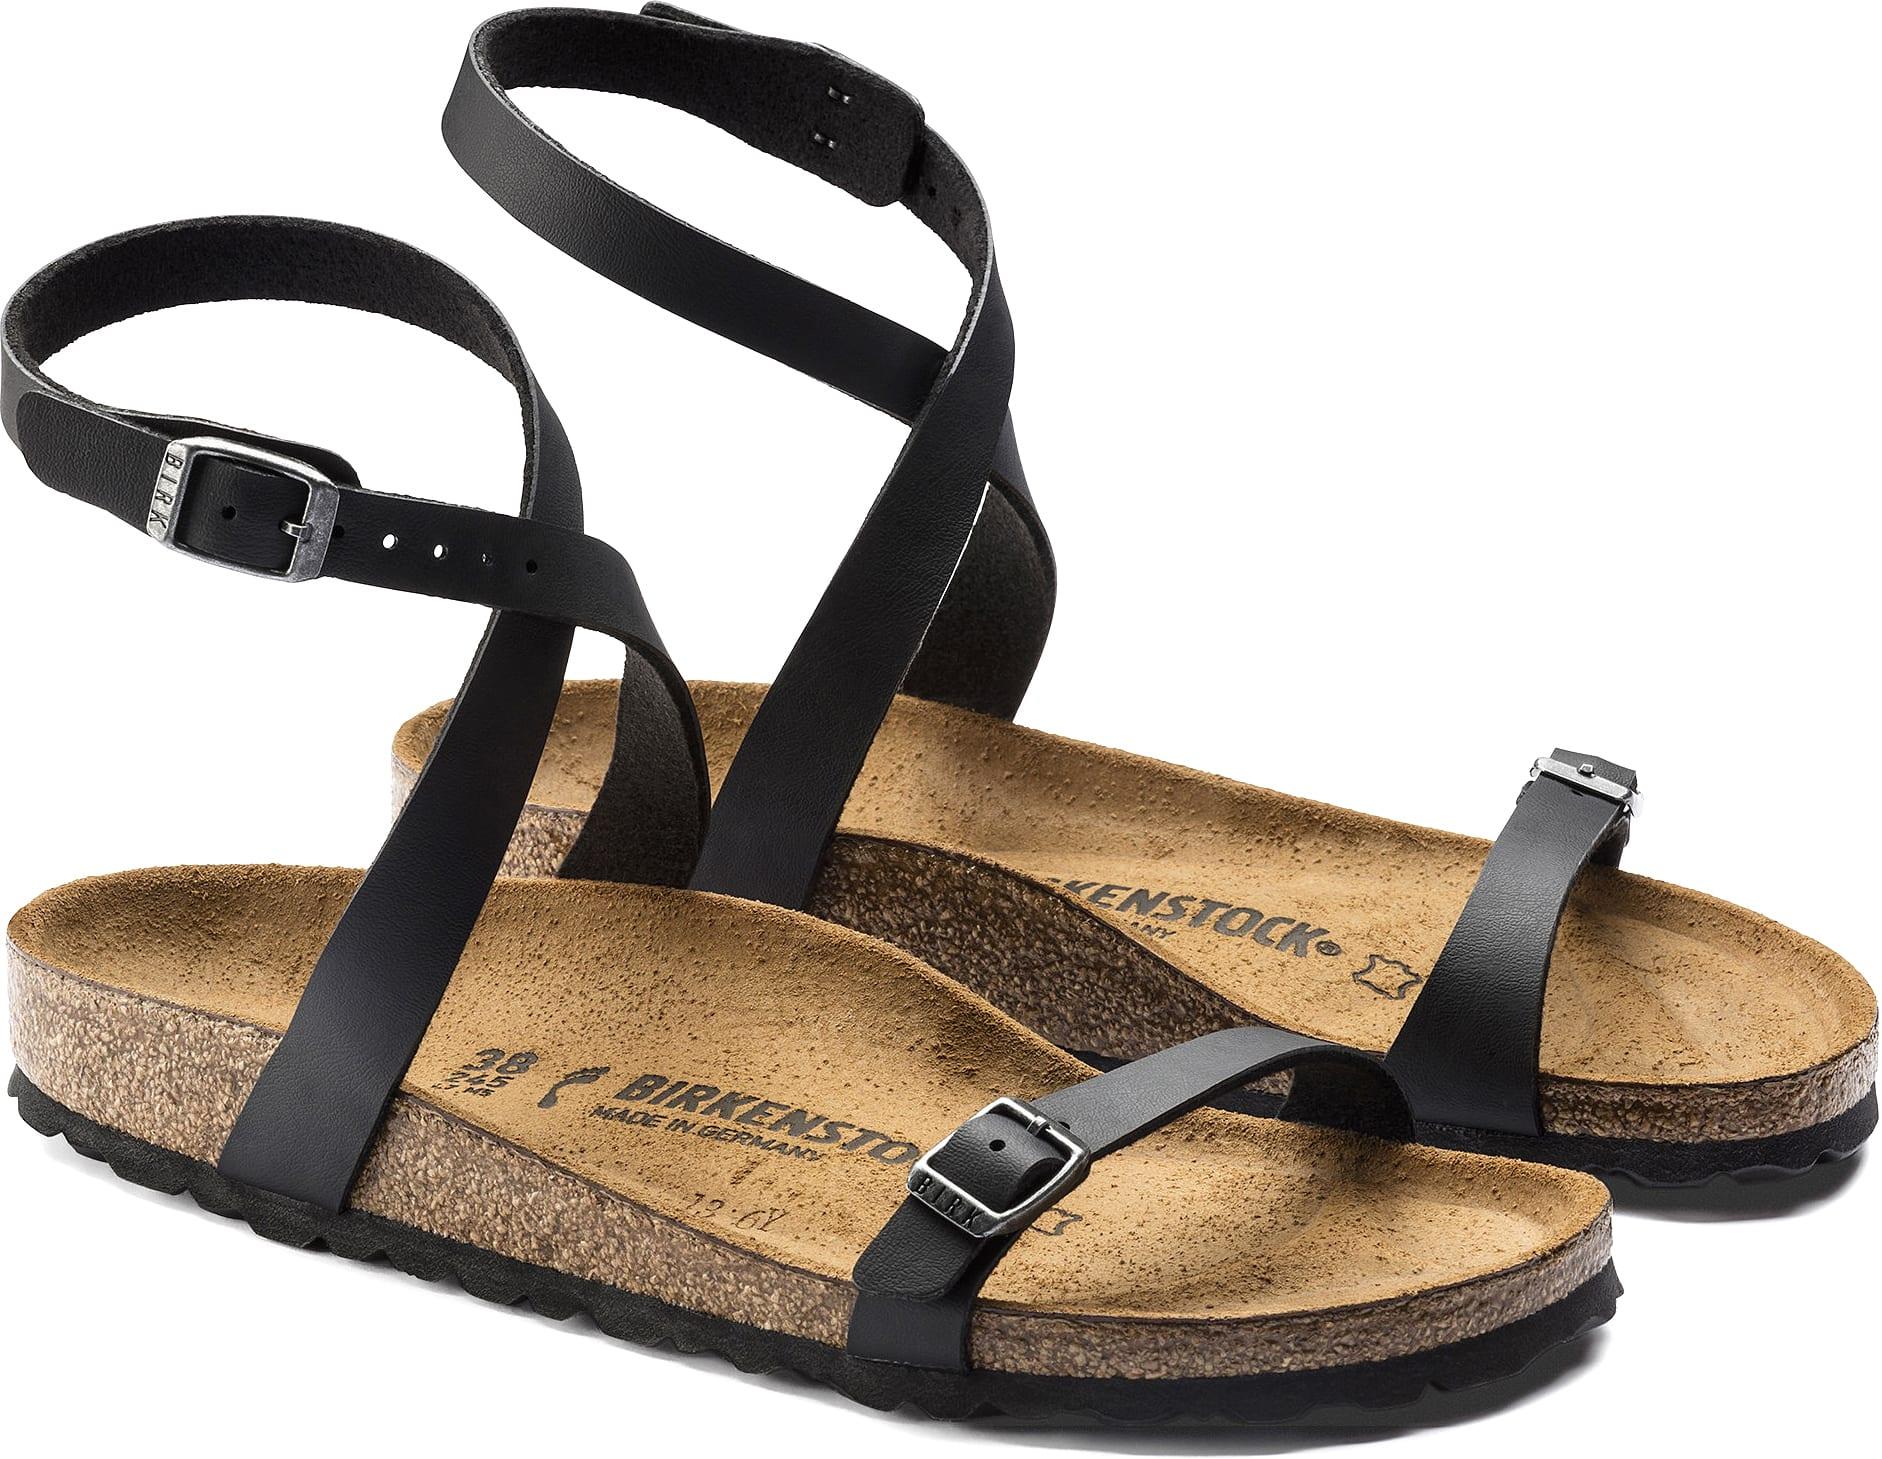 e8e2cf4db7c3 Birkenstock Daloa Sandals - Womens 2019